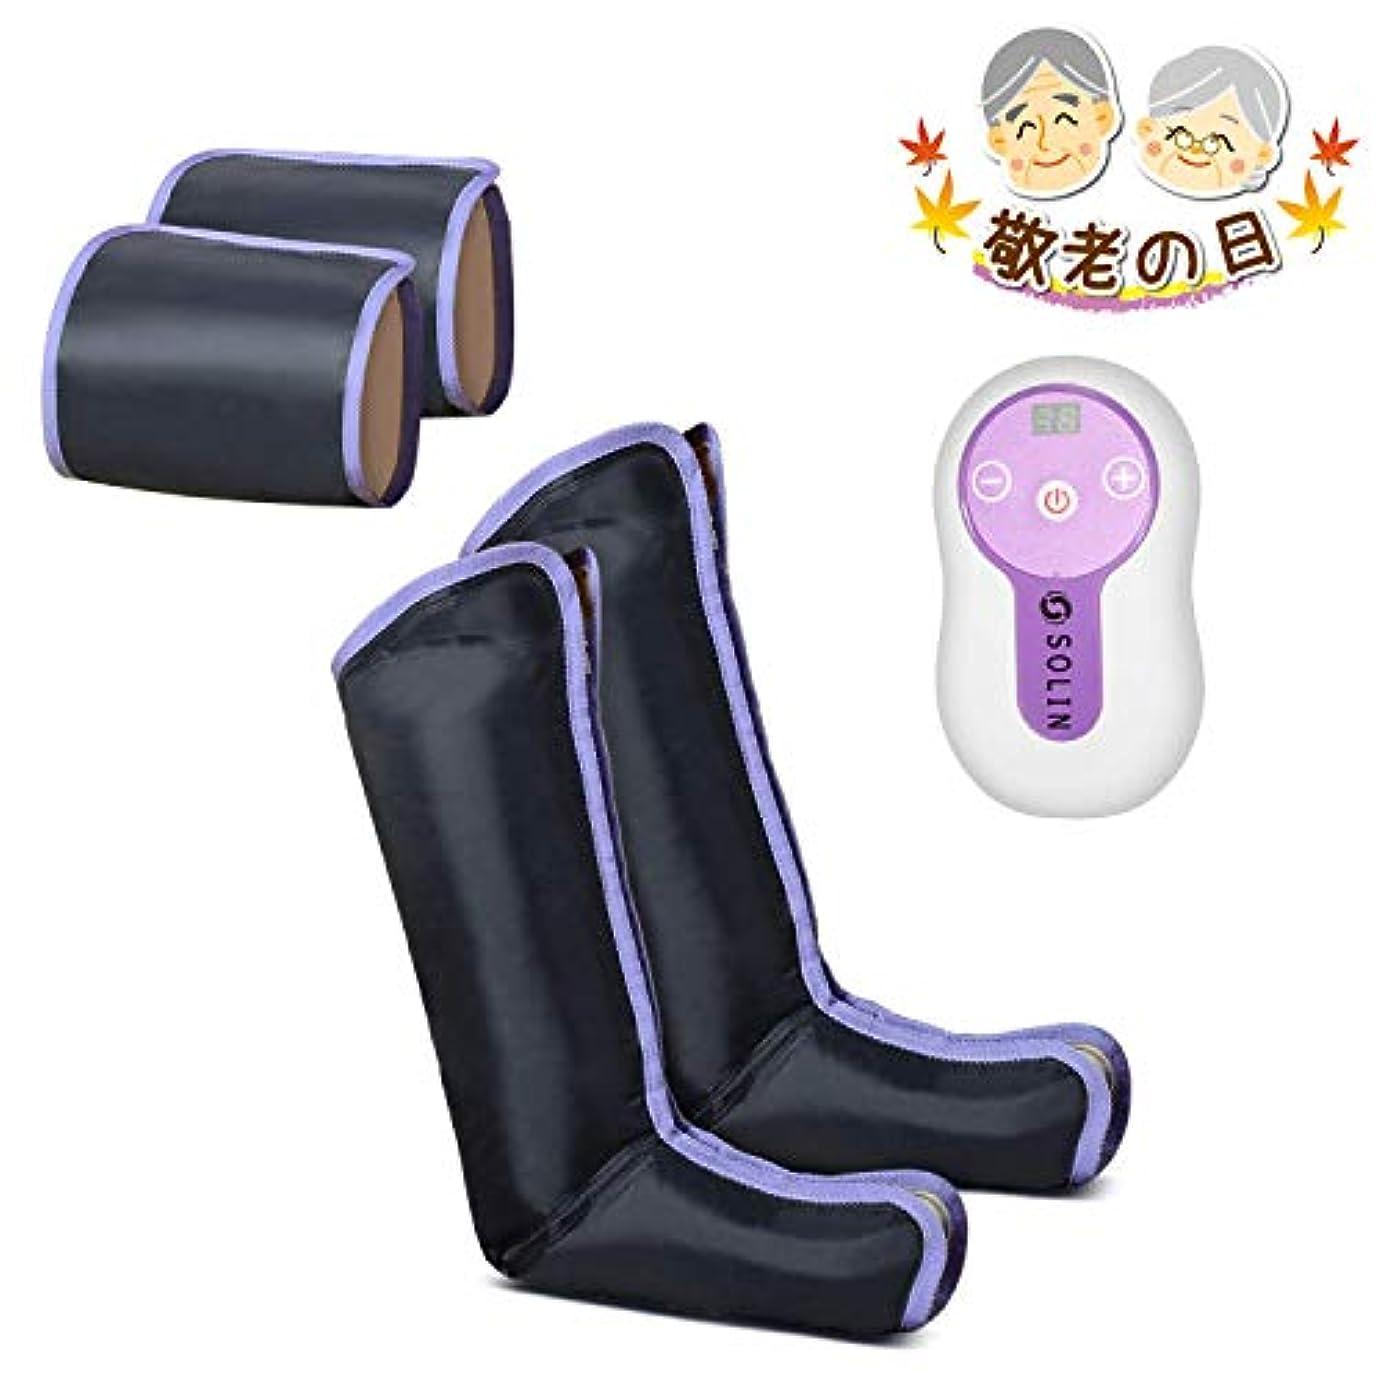 列挙するベッドを作る構成フットマッサージャー 母の日 エアーマッサージャー ひざ/太もも巻き対応 家庭用 空気圧縮 フットケア